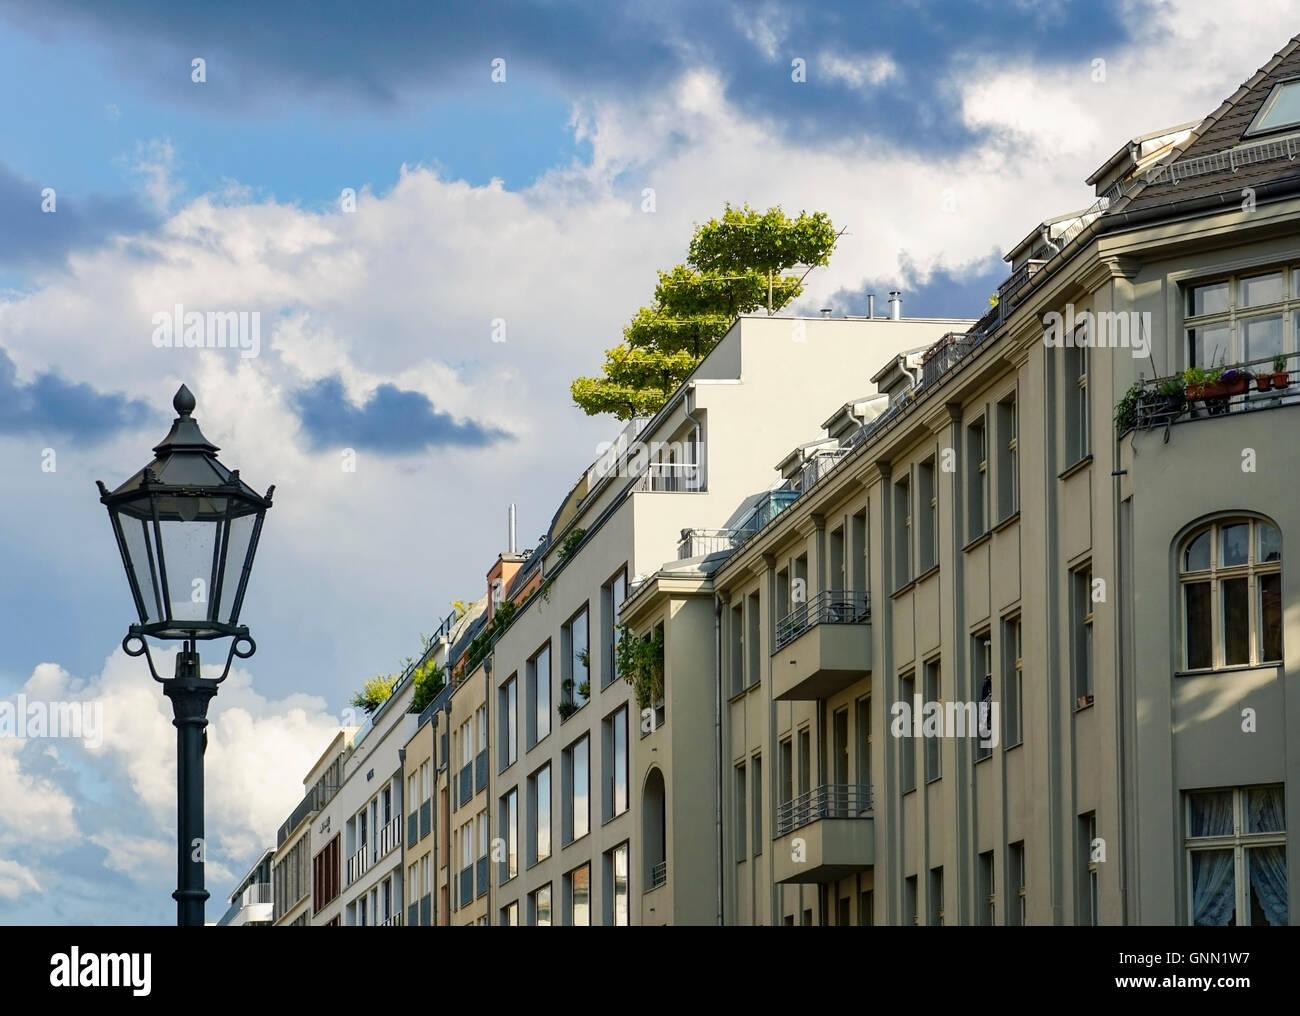 Hochwertige Immobilien mit Bäumen auf dem Dach in Berlin Mitte, Deutschland Stockfoto